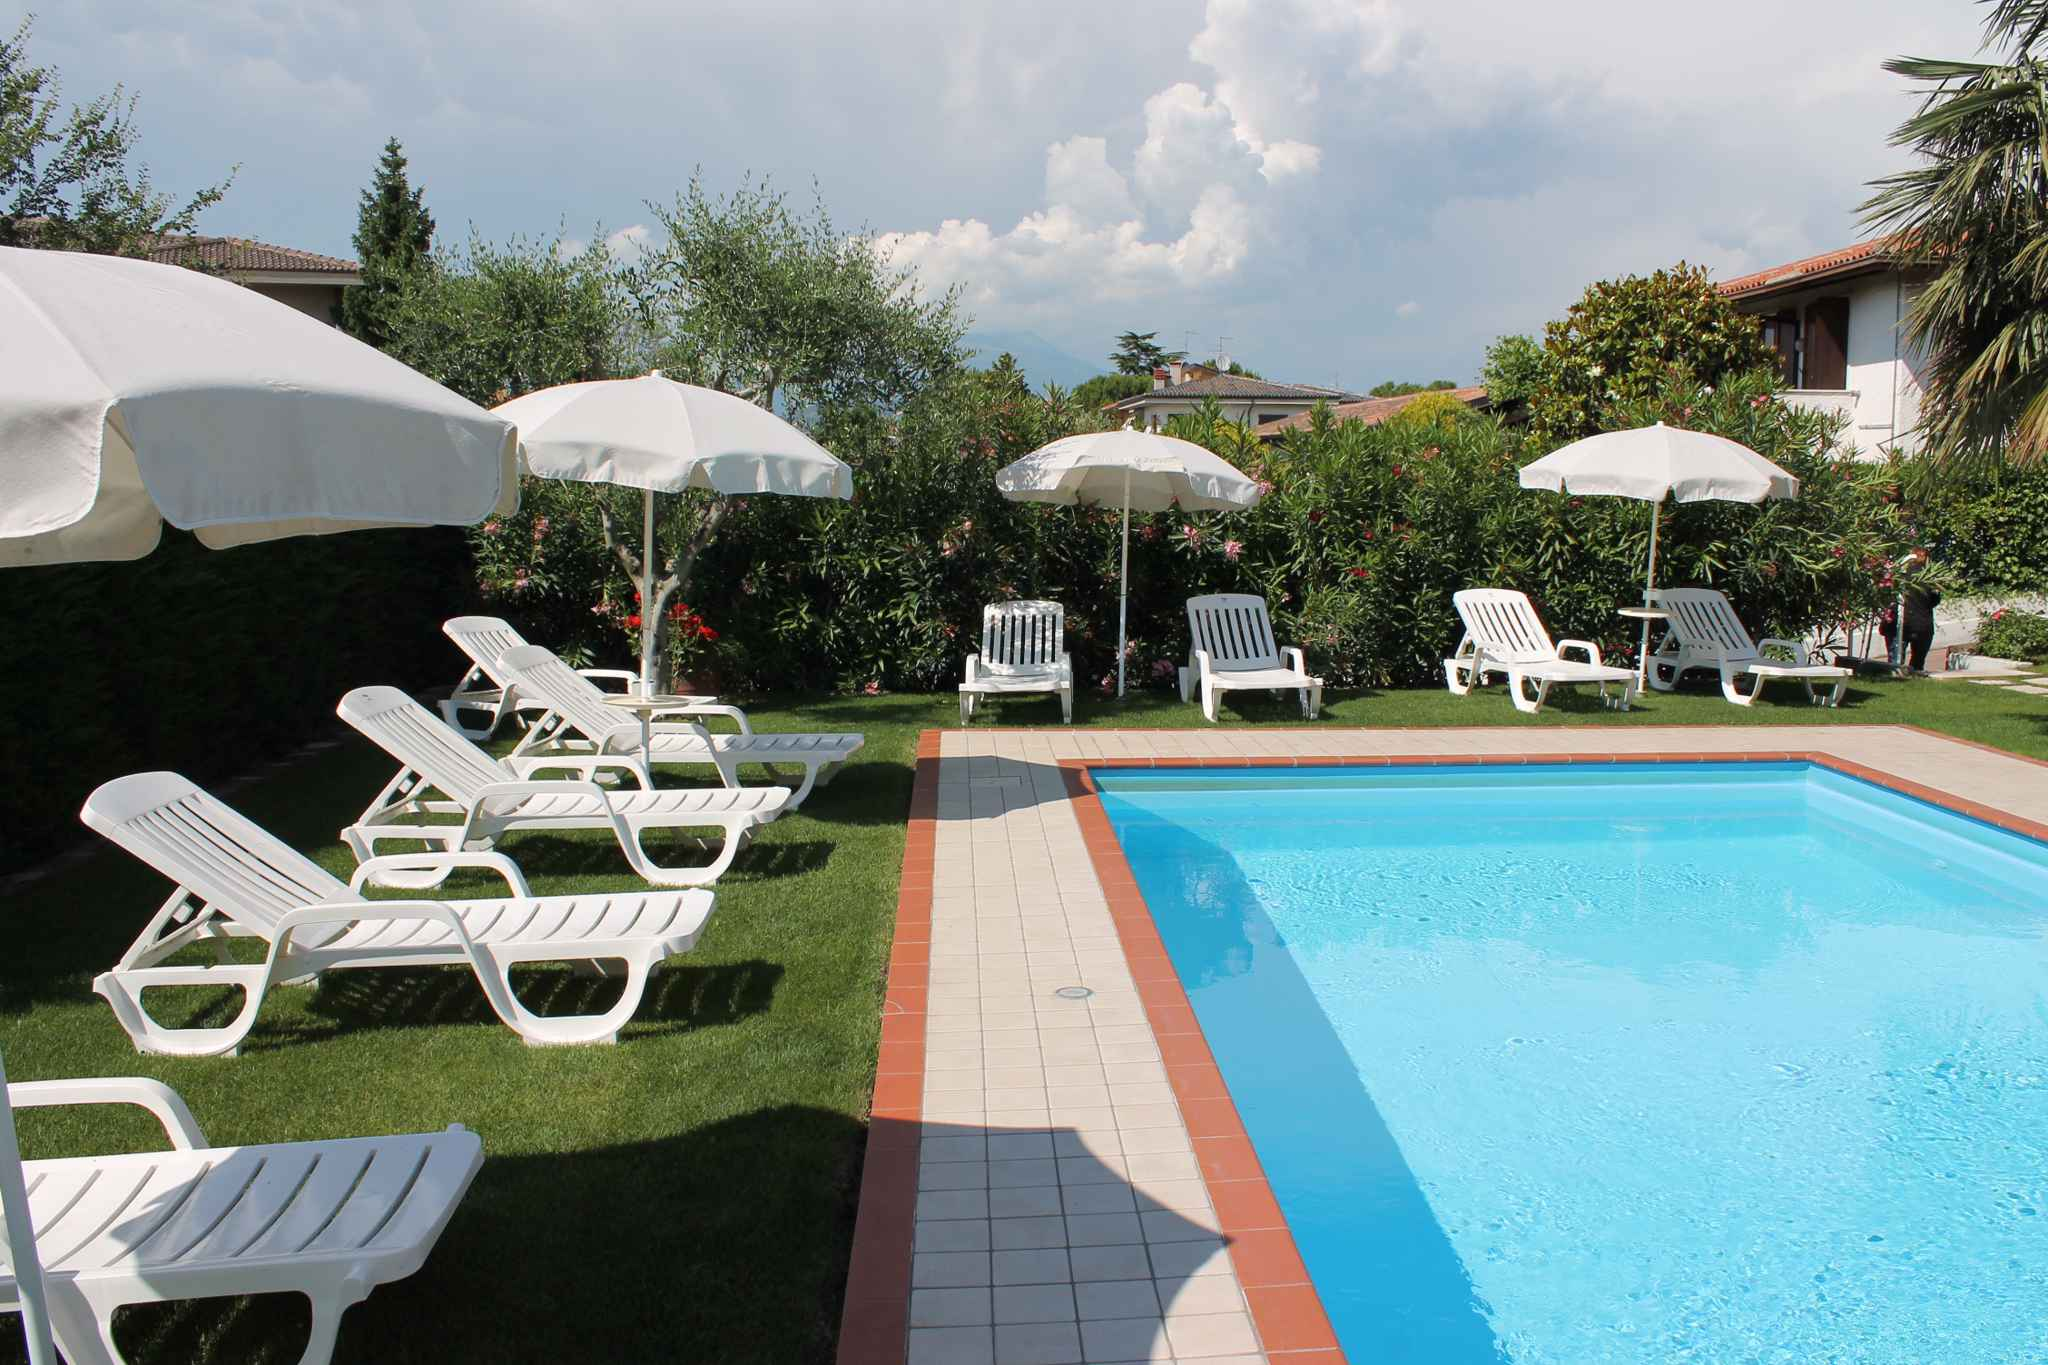 Ferienwohnung con piscina (279582), Lazise, Gardasee, Venetien, Italien, Bild 7